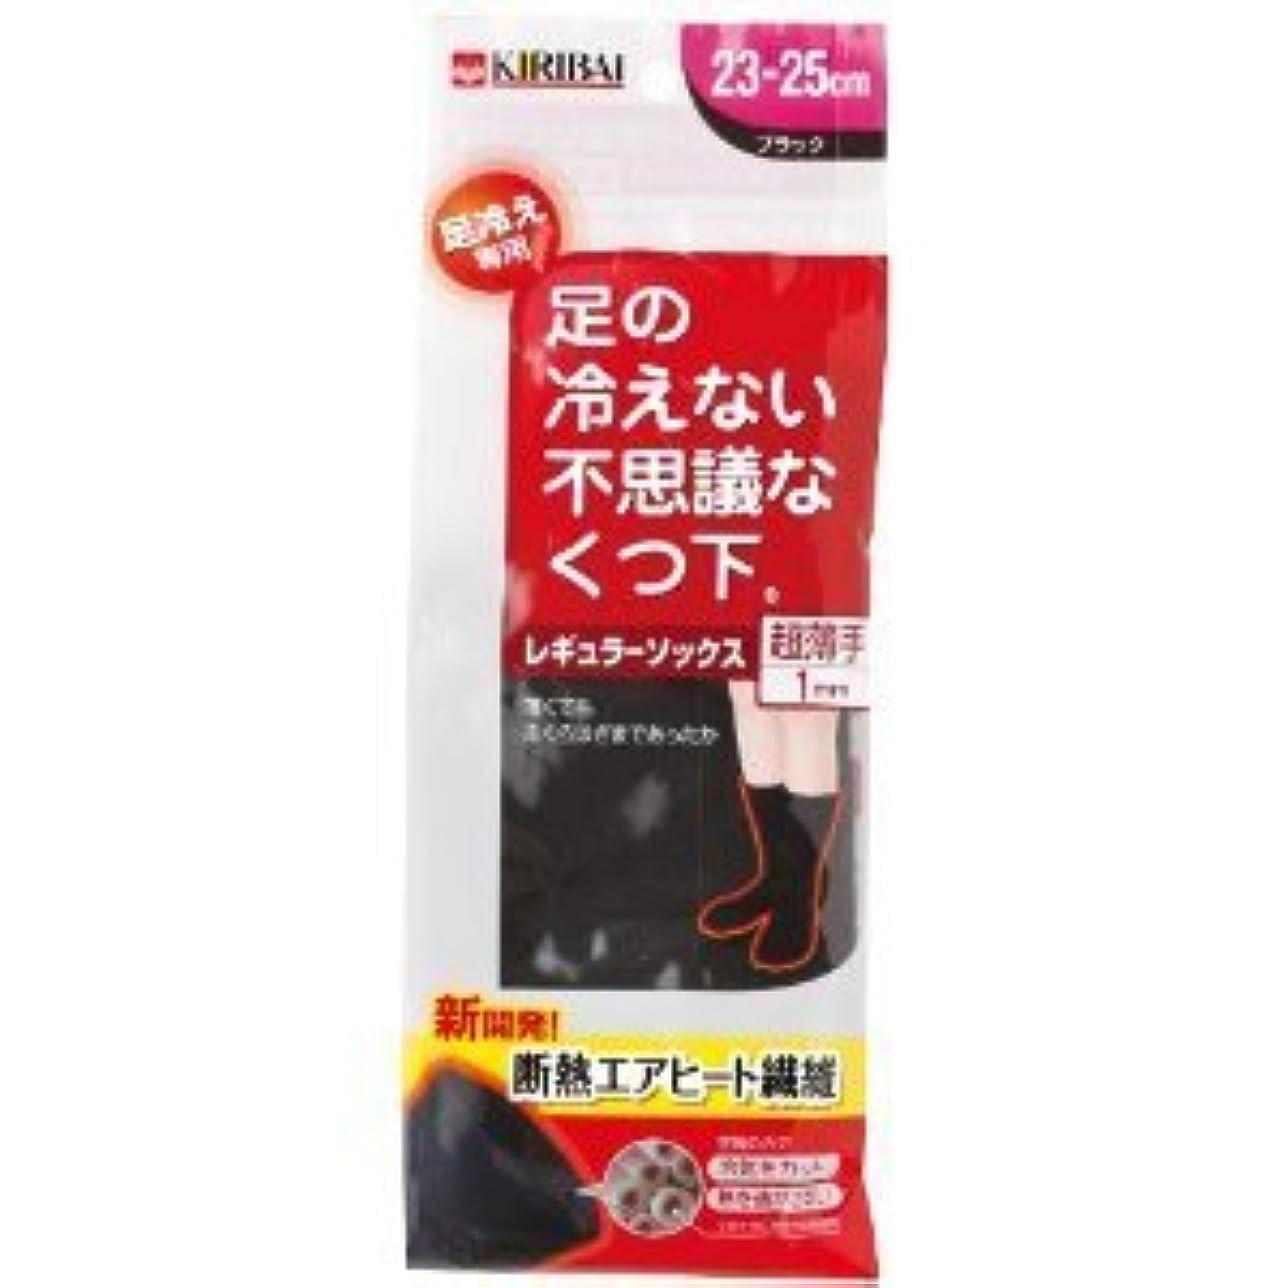 アラーム誤解する進む足の冷えない不思議なくつ下 レギュラーソックス 超薄手 ブラック 23-25cm×2個